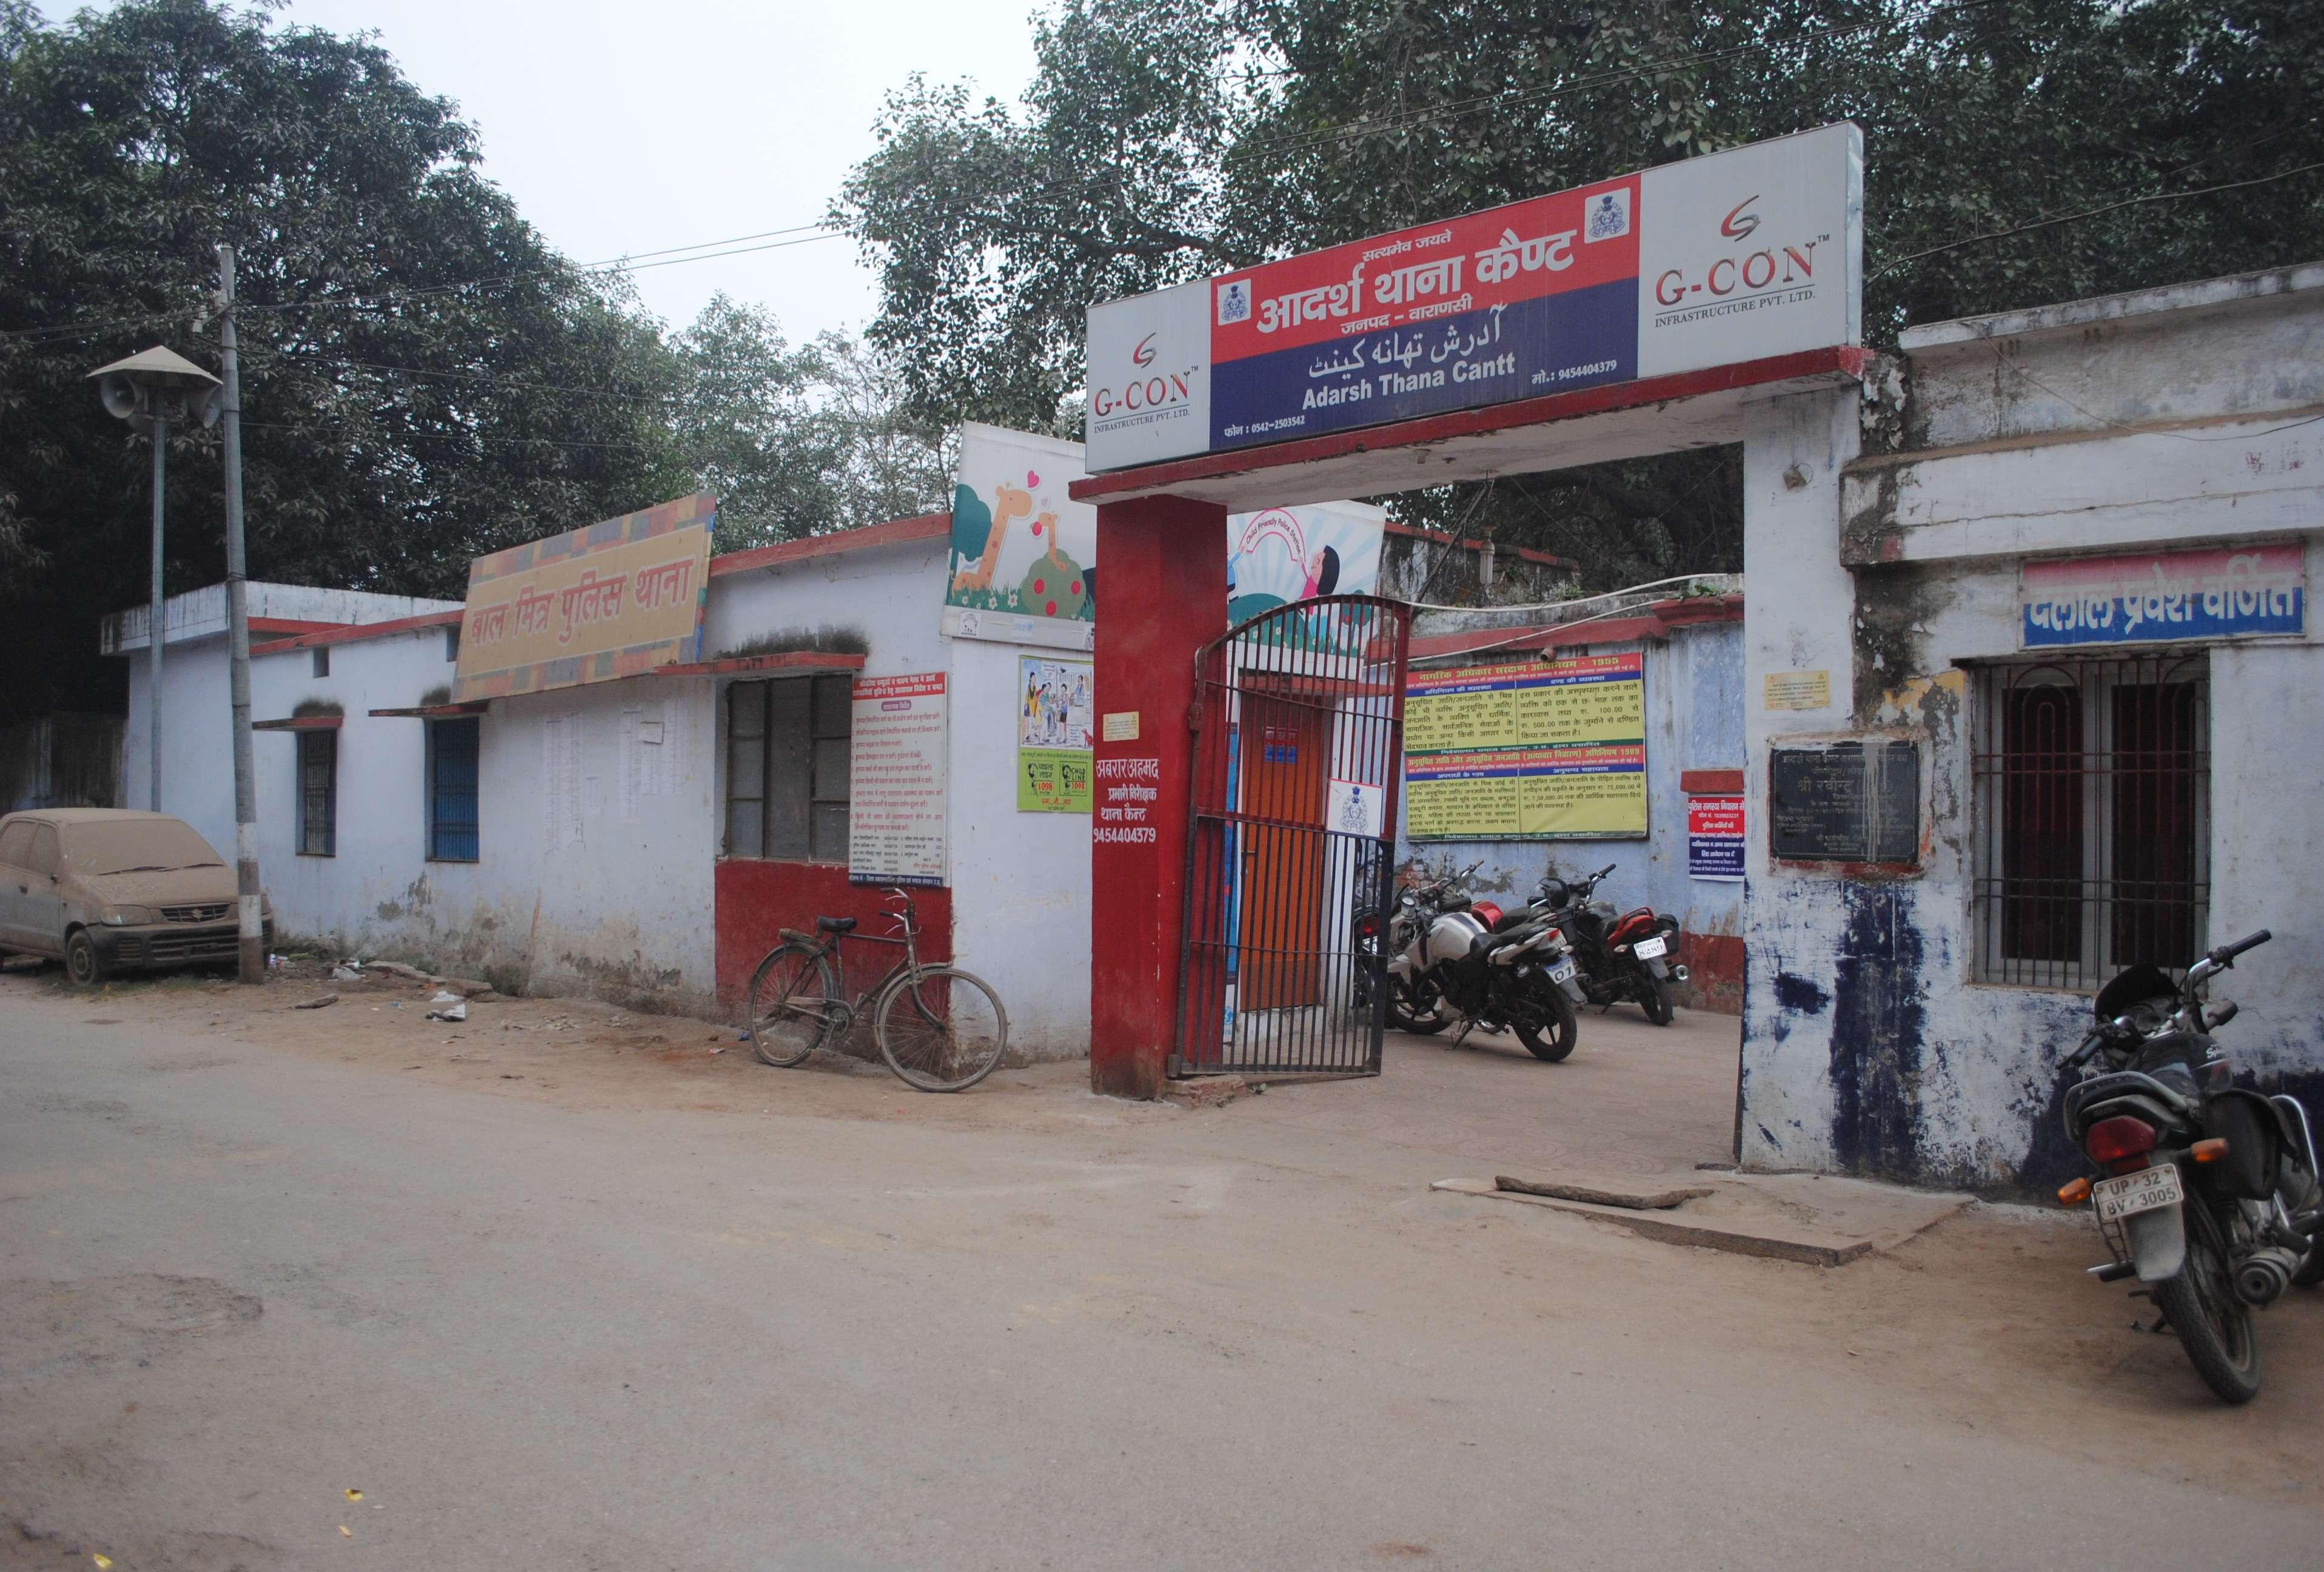 पुलिस ने पति-पत्नी पर दर्ज किया हत्या का केस, गला कसकर मारने के बाद शव को फंदे से लटकाने का आरोप गोरखपुर,Gorakhpur - Dainik Bhaskar